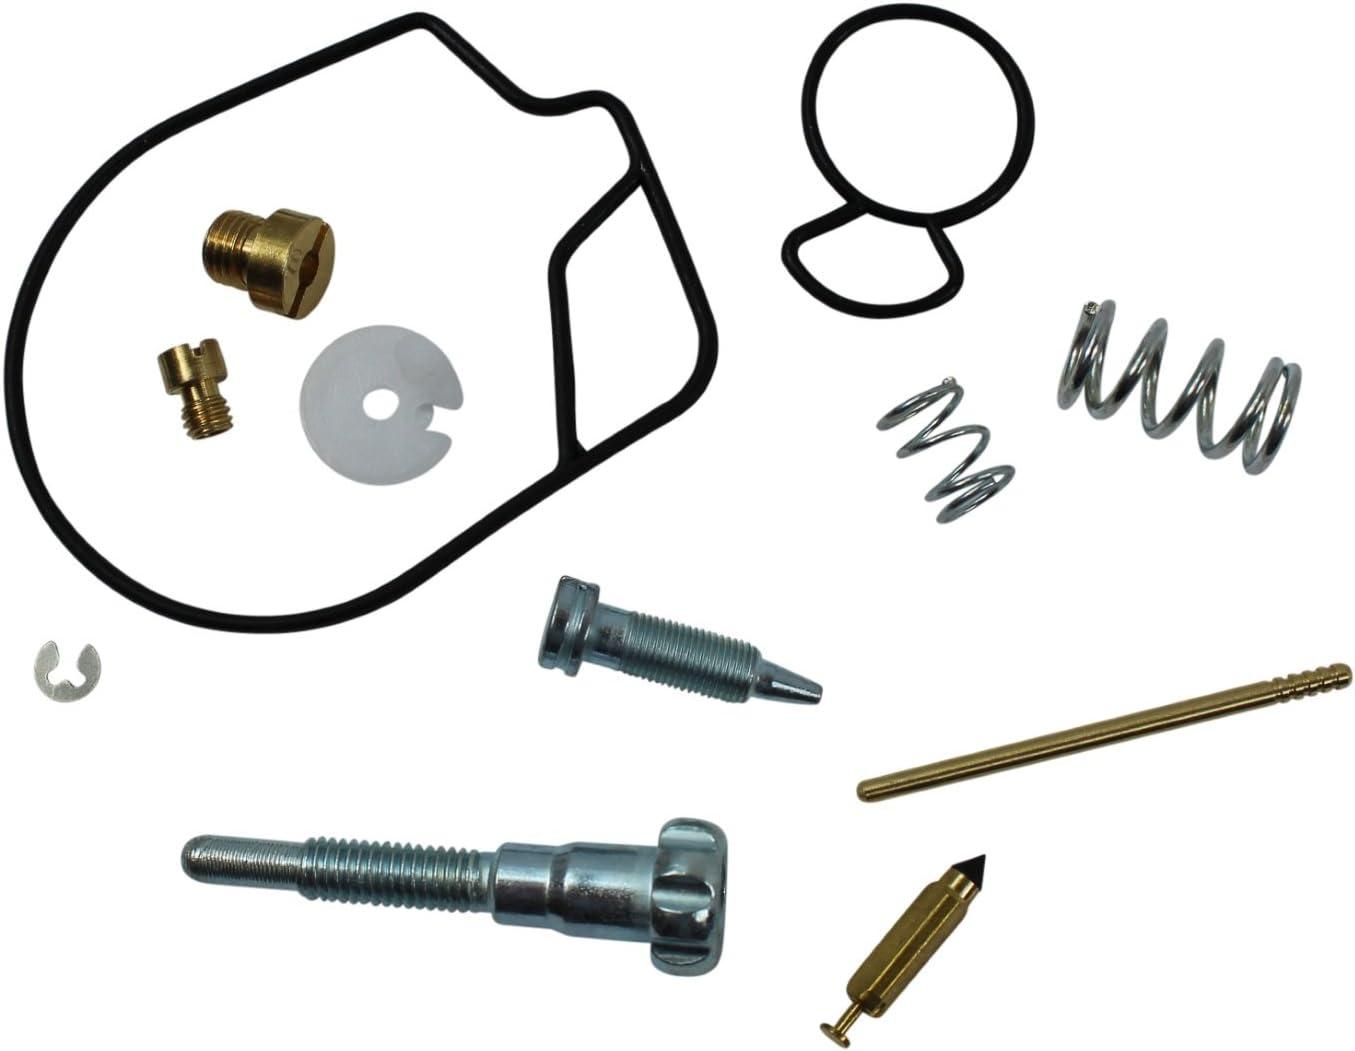 Vergaser Reparatur Set Für Dellorto Phva 17 5mm Vergaser Für Piaggio Nrg Sfera Quartz Tph 50 Etc Auto